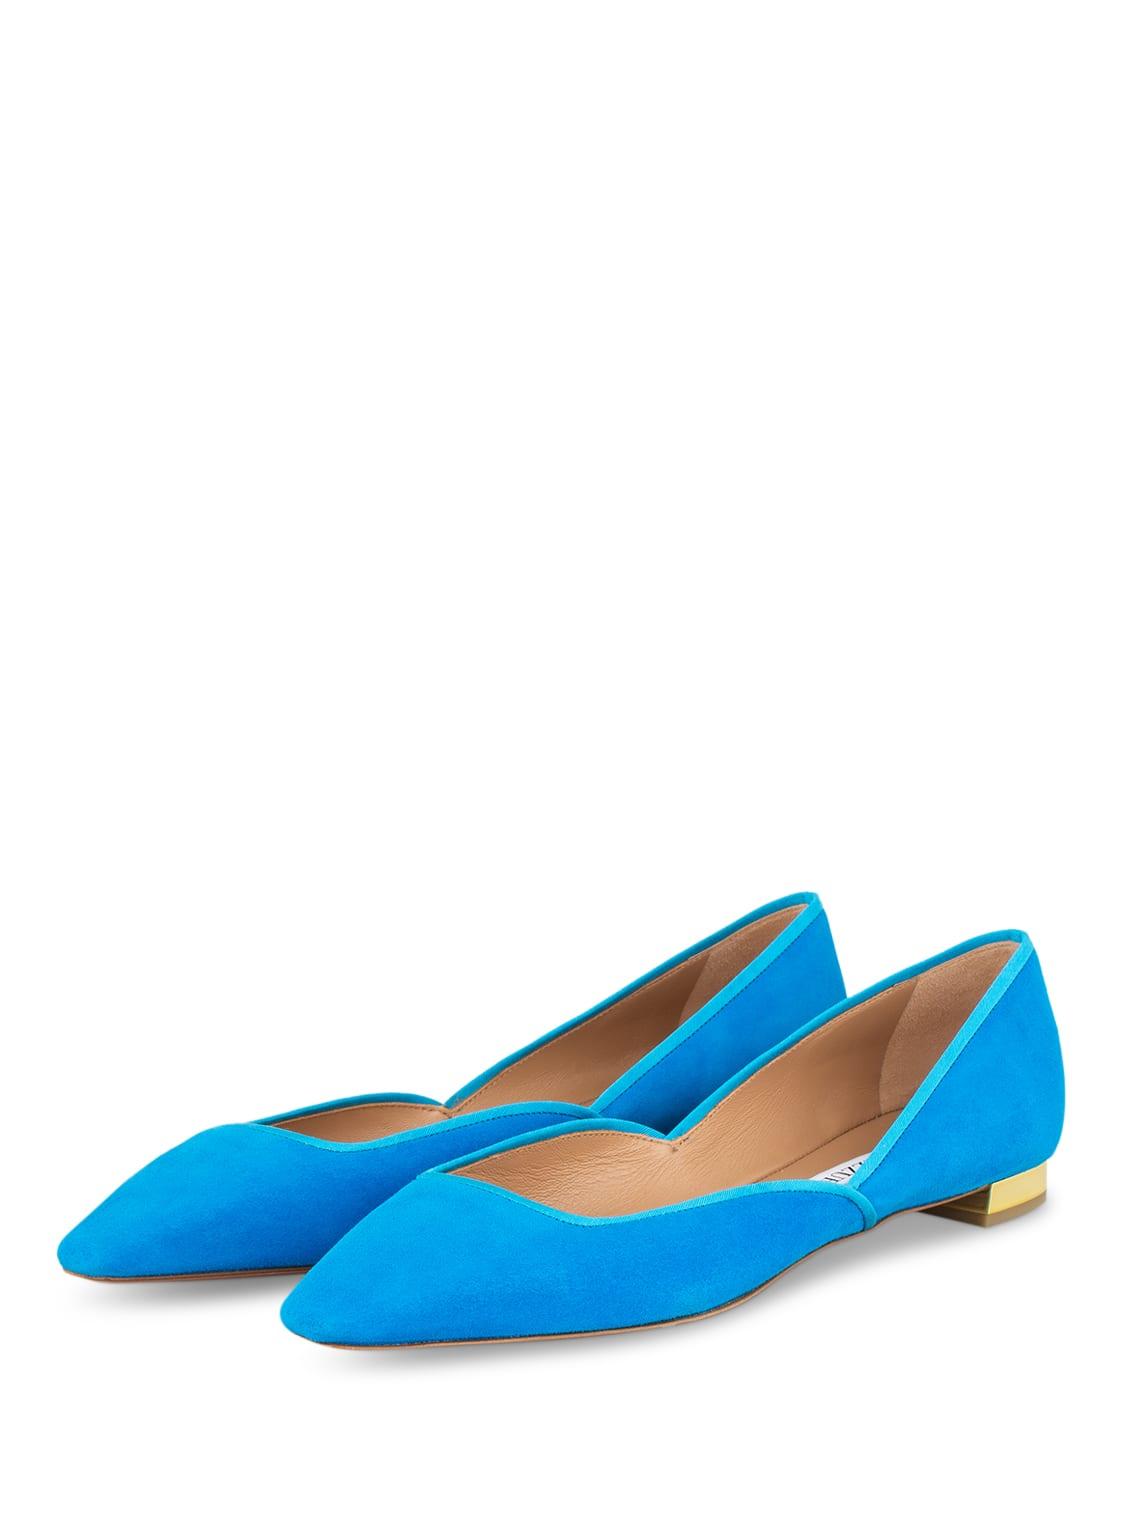 Image of Aquazzura Ballerinas Maia blau